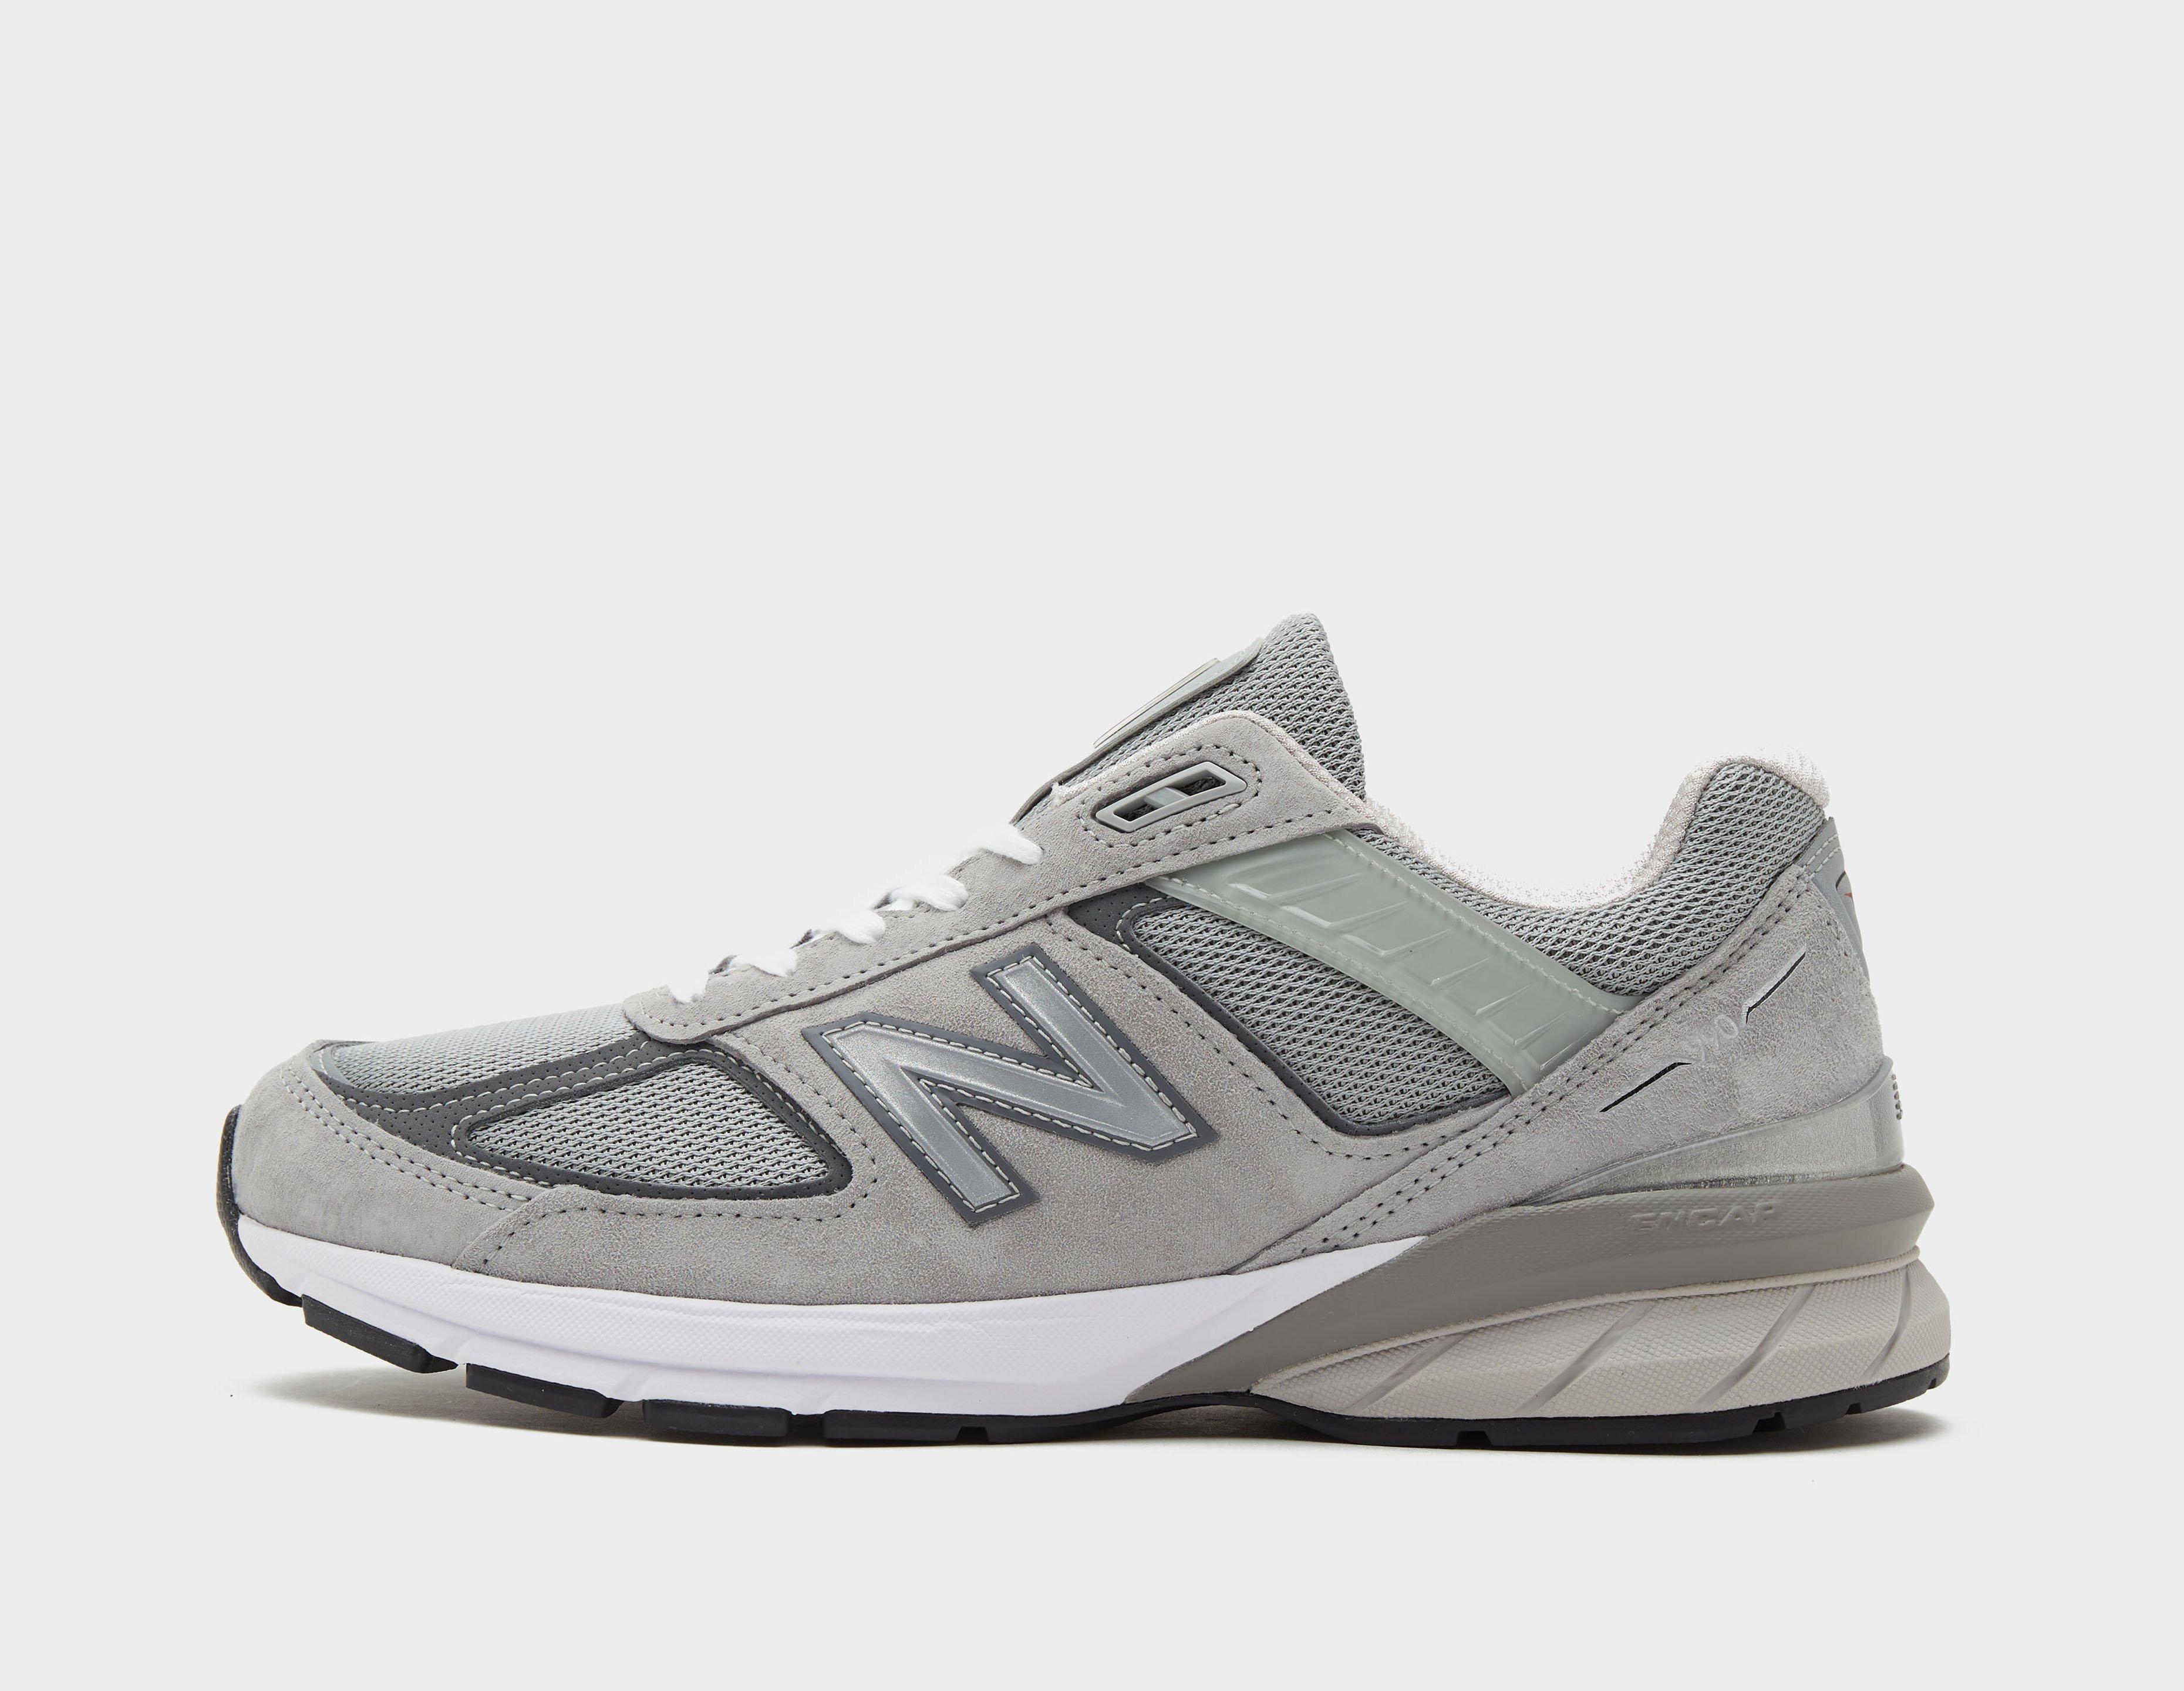 new balance 990 v5 homme